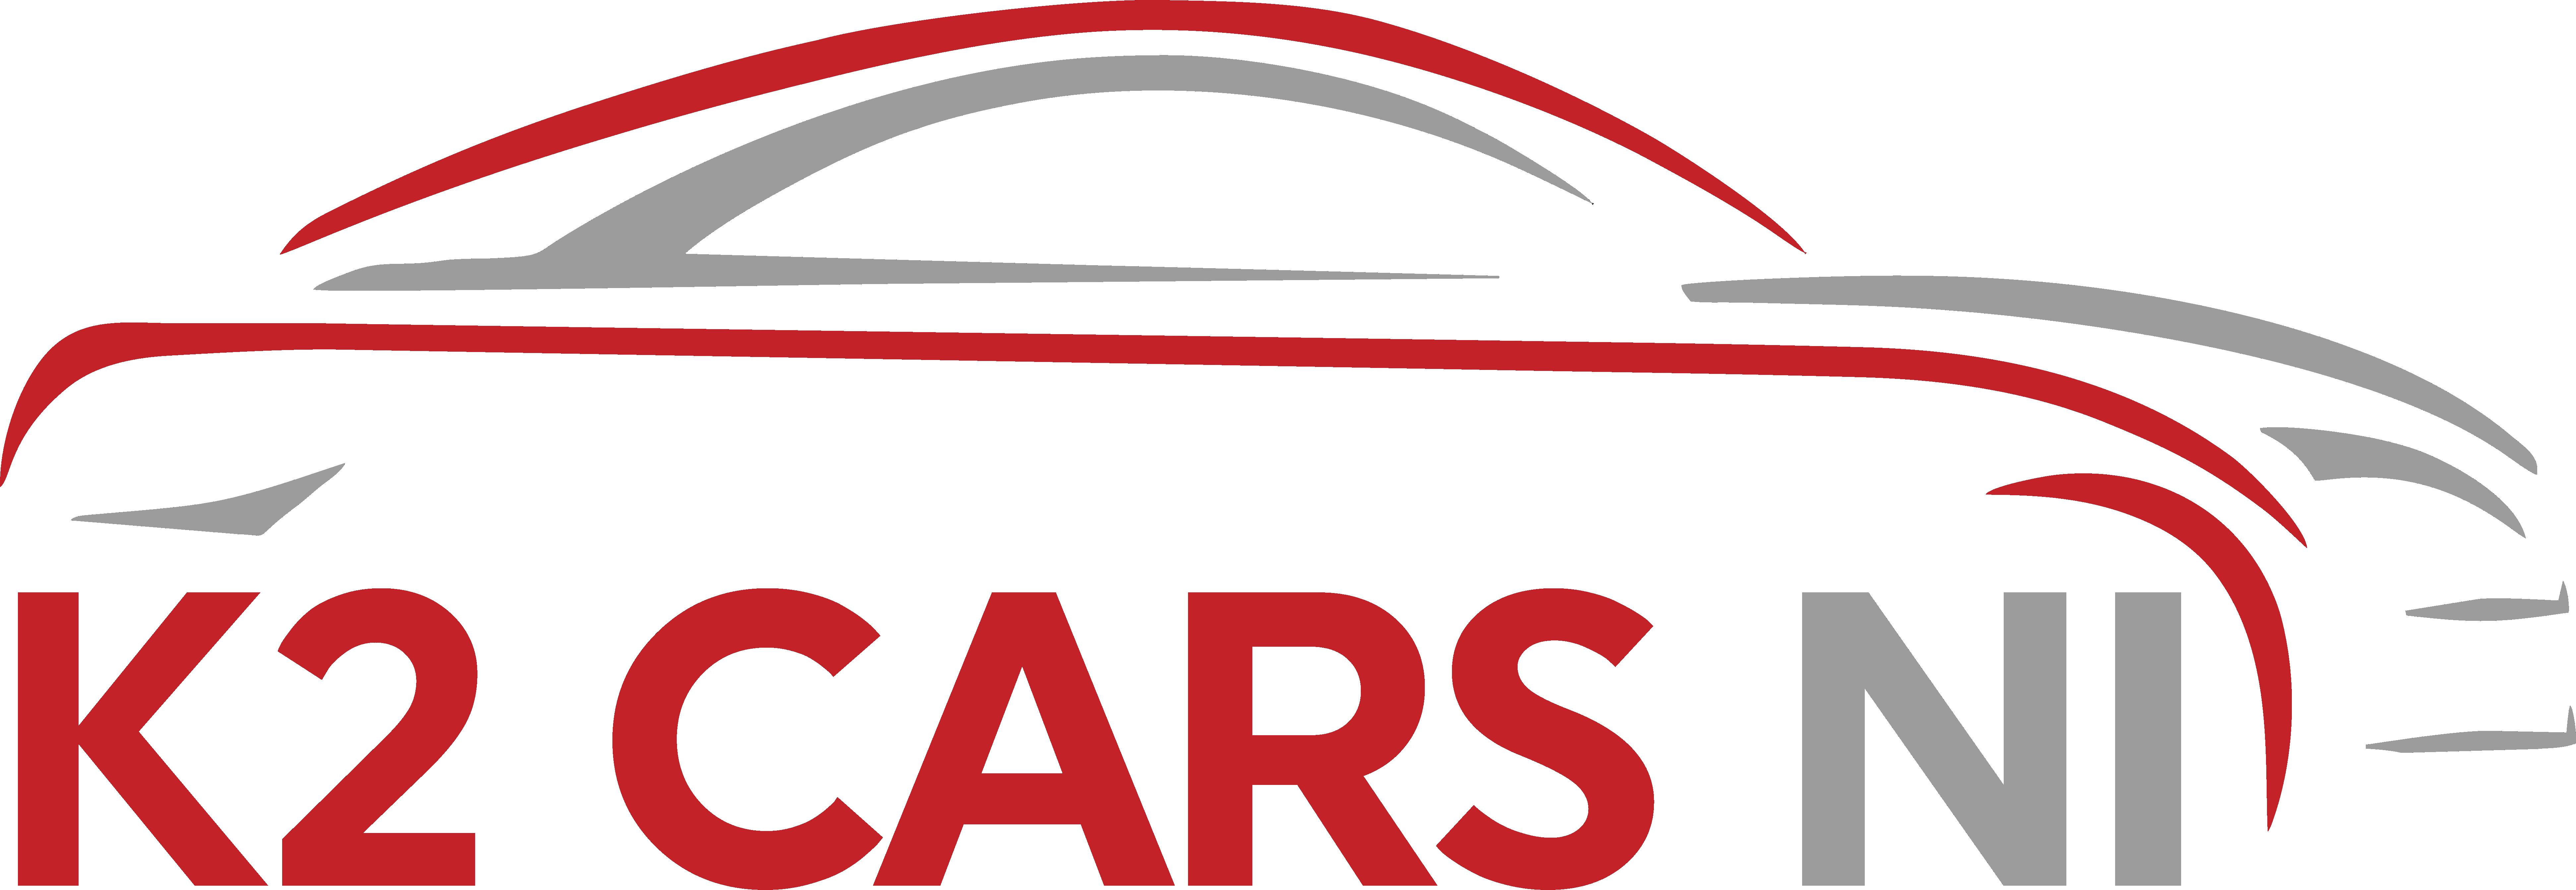 K2 Cars NI, Omagh